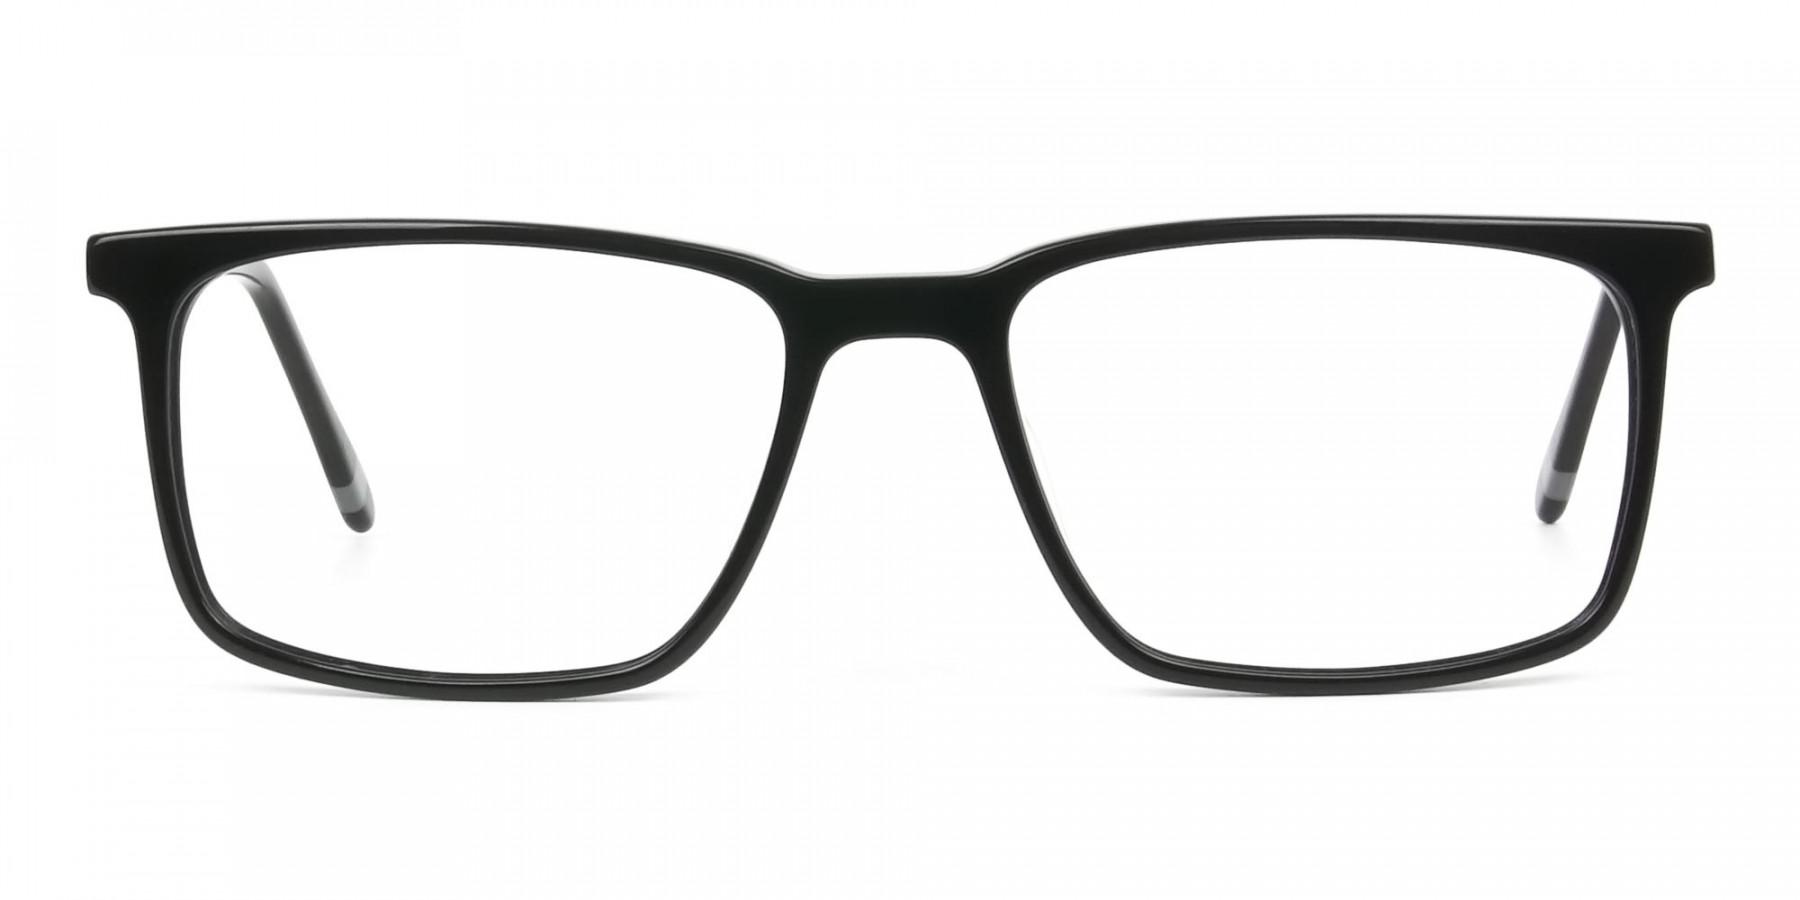 Designer Black Glasses Rectangular - 1